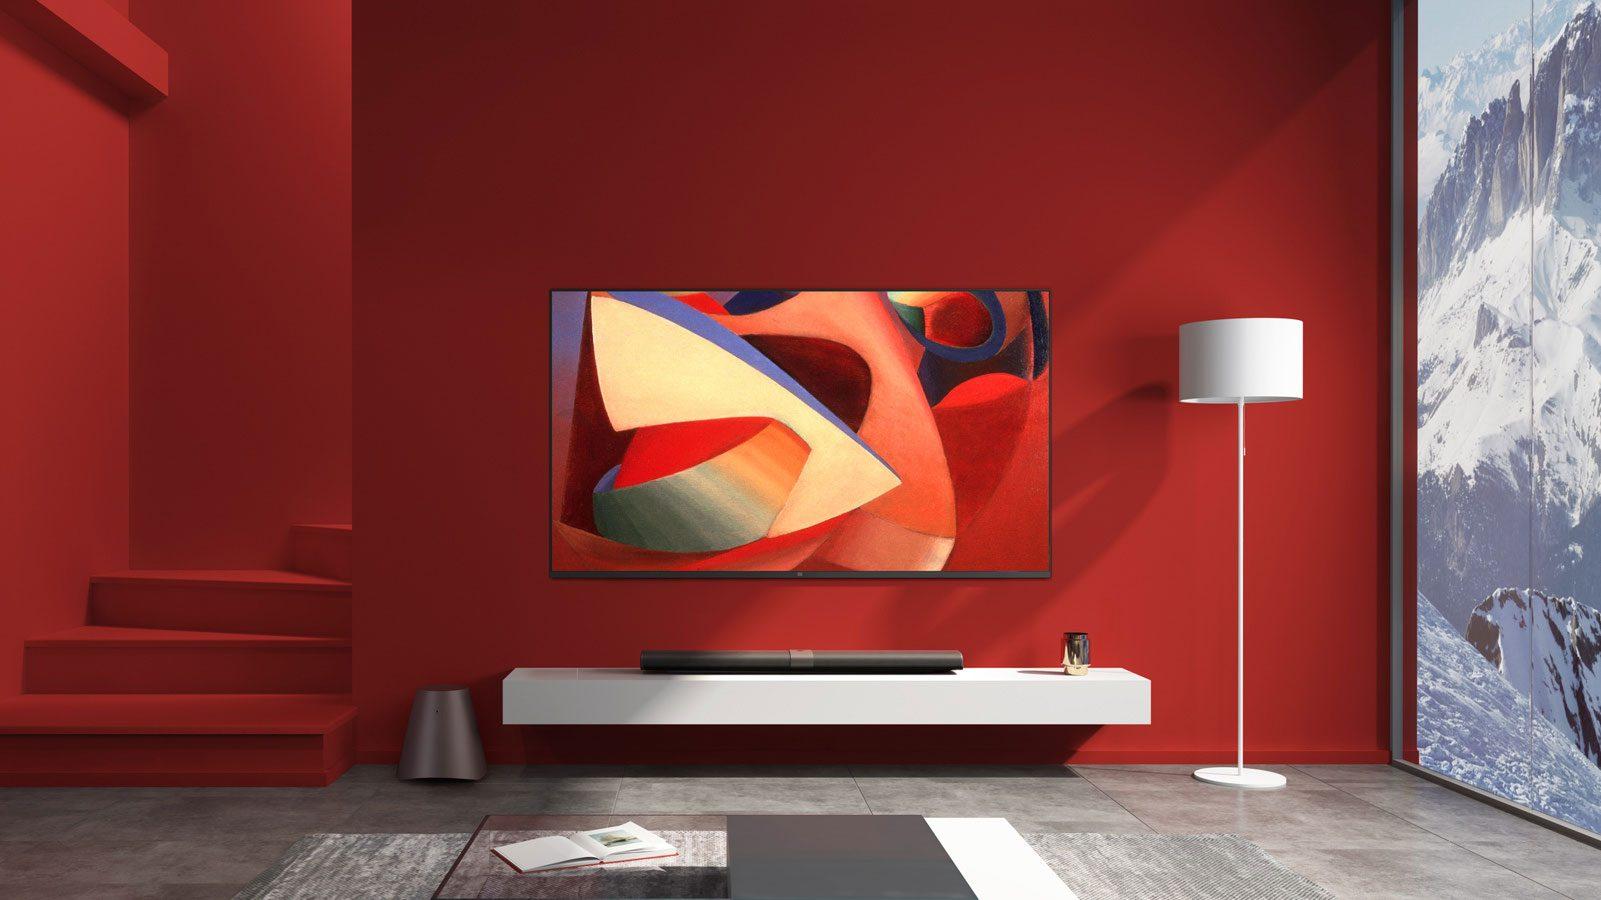 Come Appendere Un Quadro questo televisore sembra un quadro